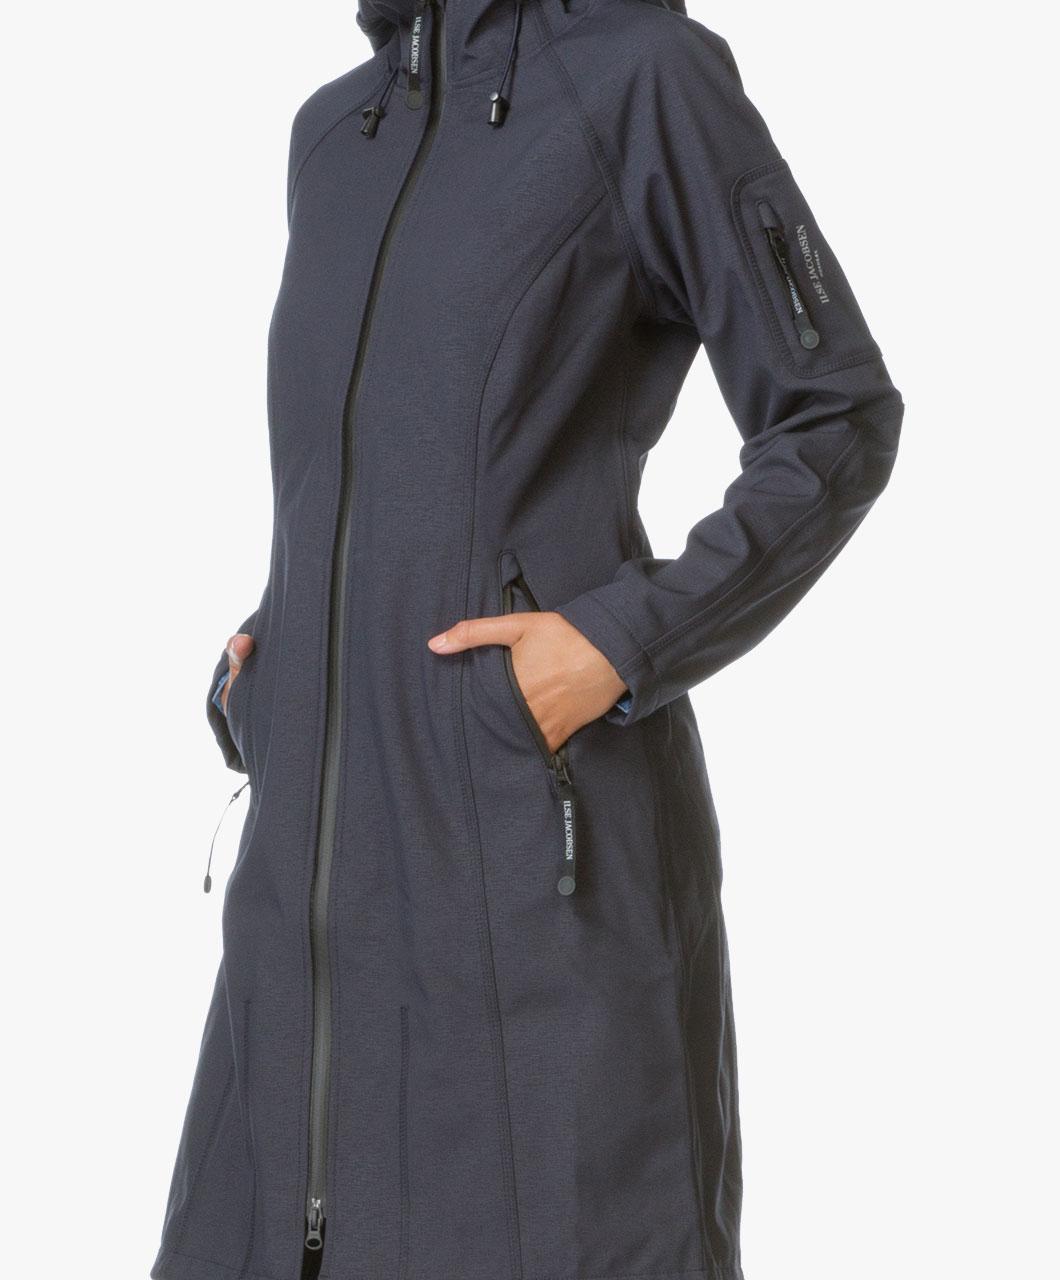 a8e7f4d3ff859c Ilse Jacobsen Long Softshell Raincoat Rain37L - Dark Indigo - rain37l 660 -  dark indigo